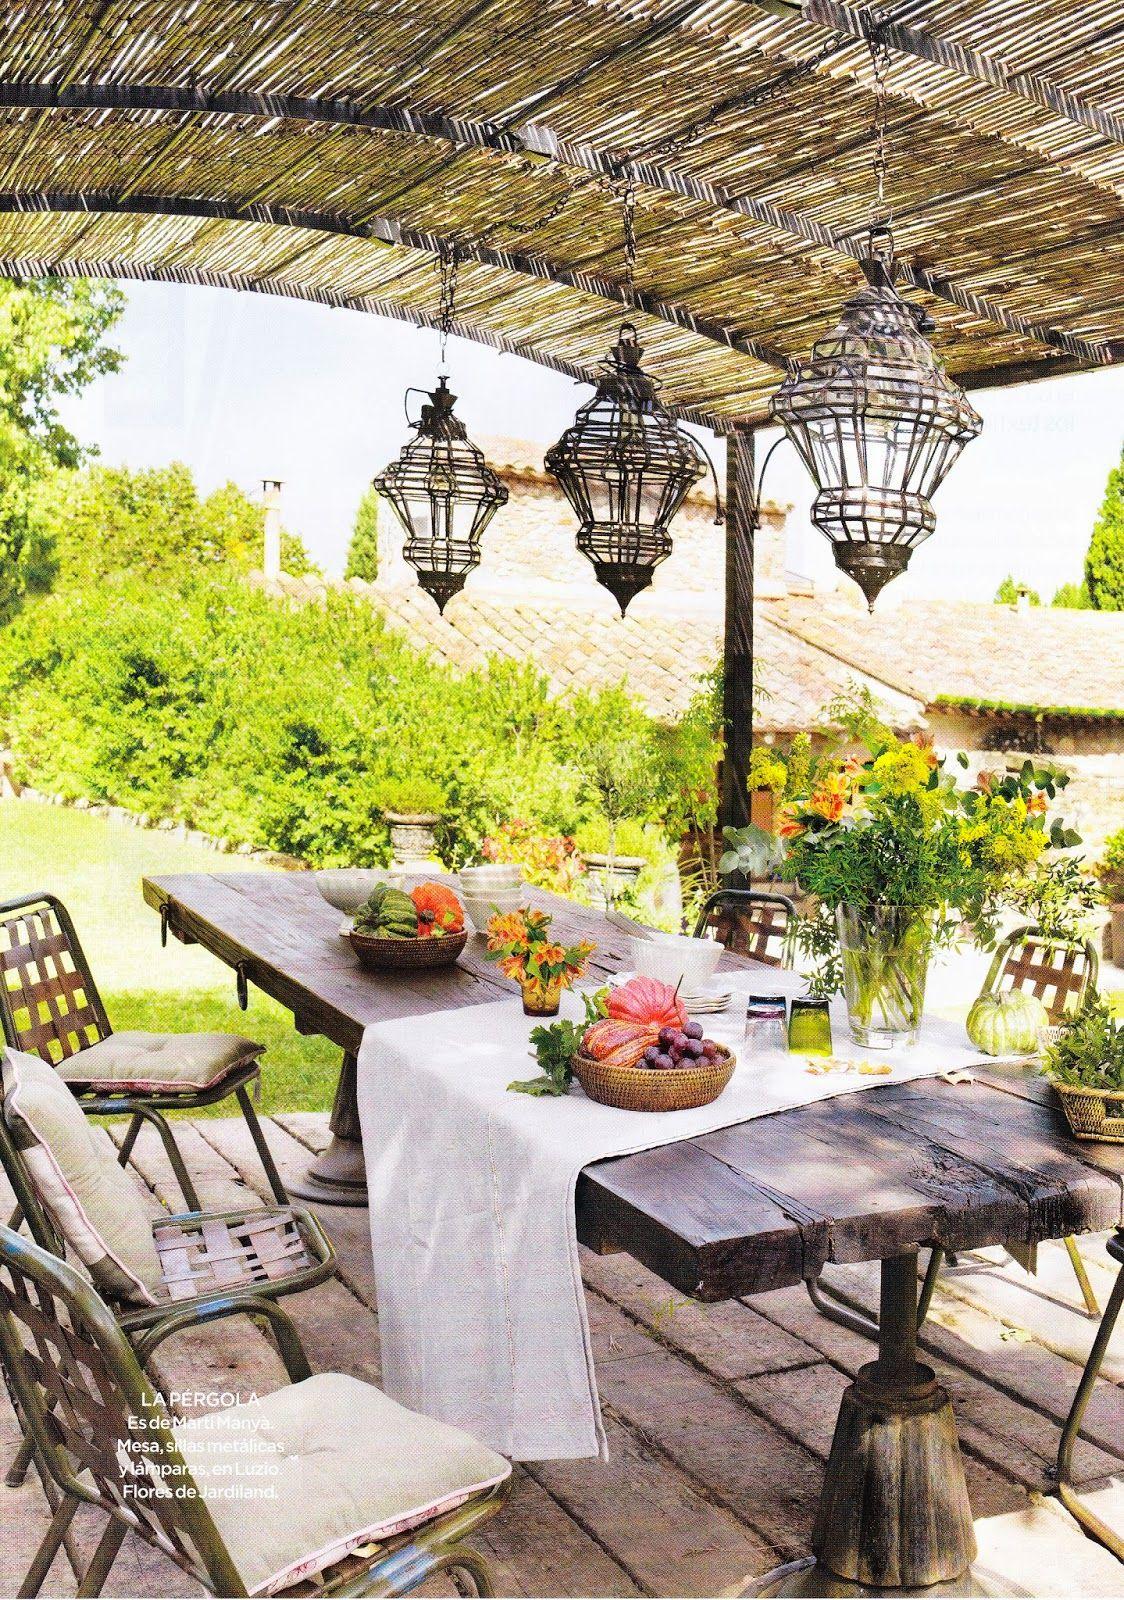 La glicina revista el mueble galerias pinterest for El mueble especial terrazas